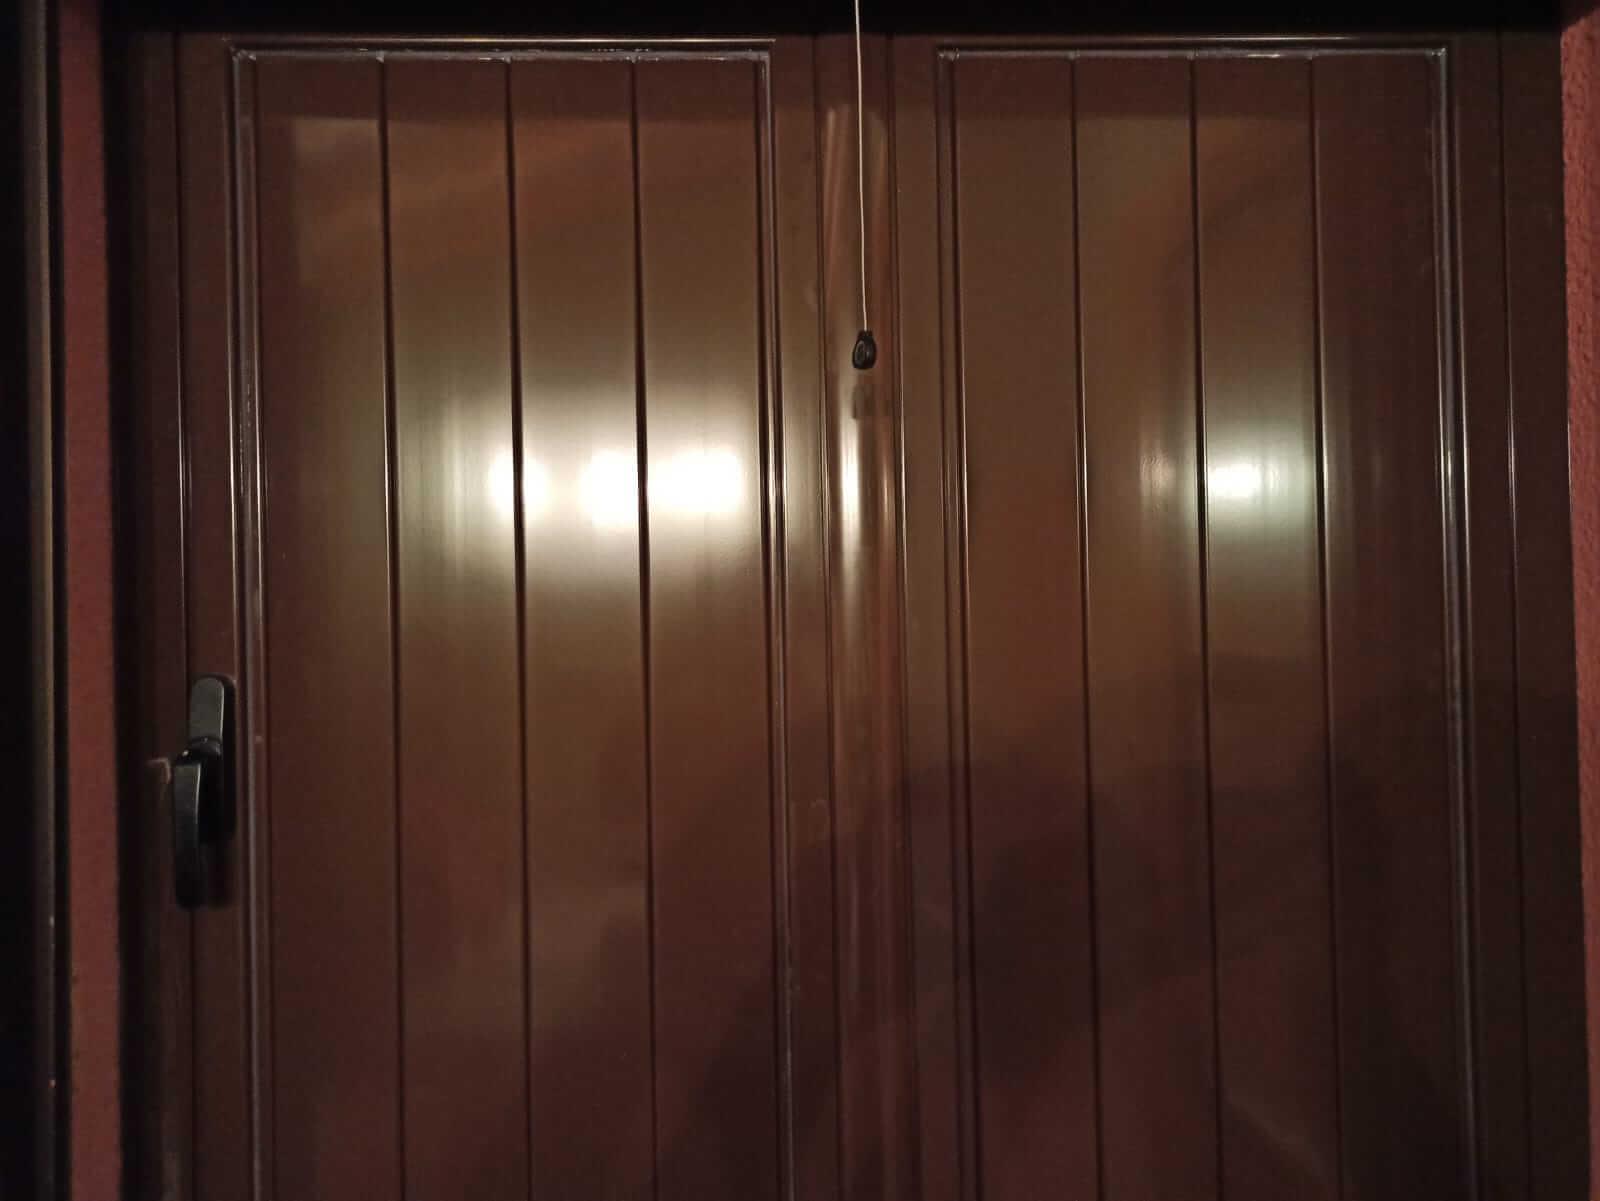 Contraventana de madera marrón, de dos hojas, totalmente cerrada. Vista desde el interior de la vivienda.